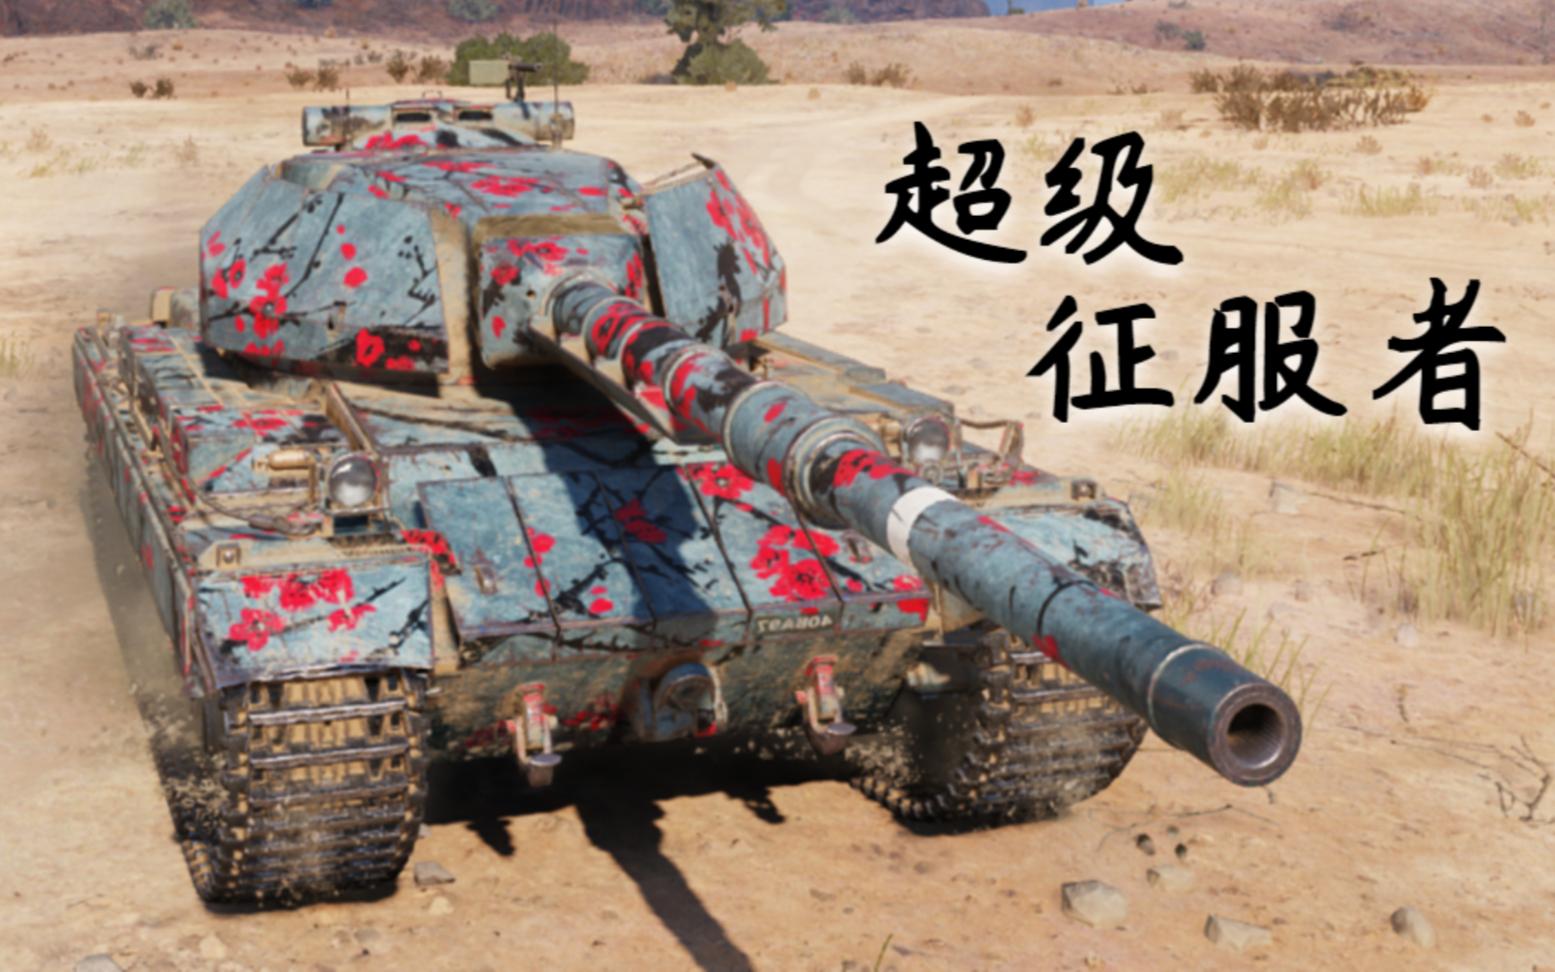 【坦克世界】超级征服者:8杀 - 1万1输出,高DPM密集输出看过瘾(埃里·哈罗夫)